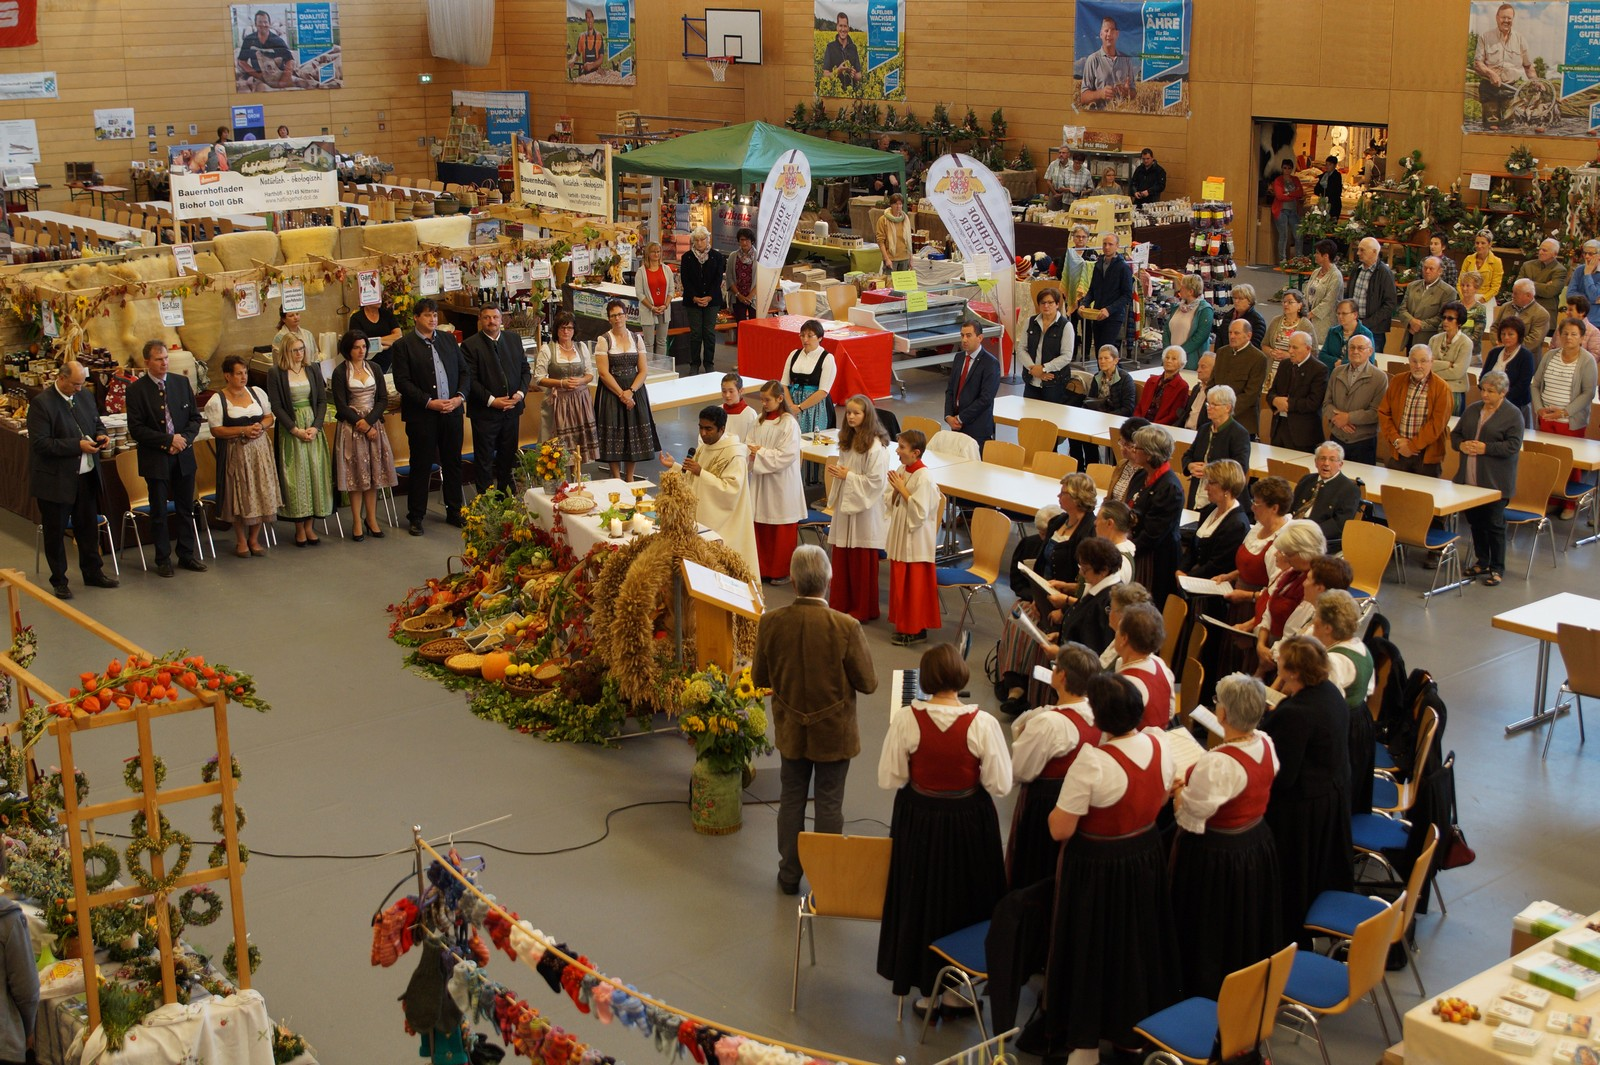 20181014-Bauernmarkt Erntedank DSC03476